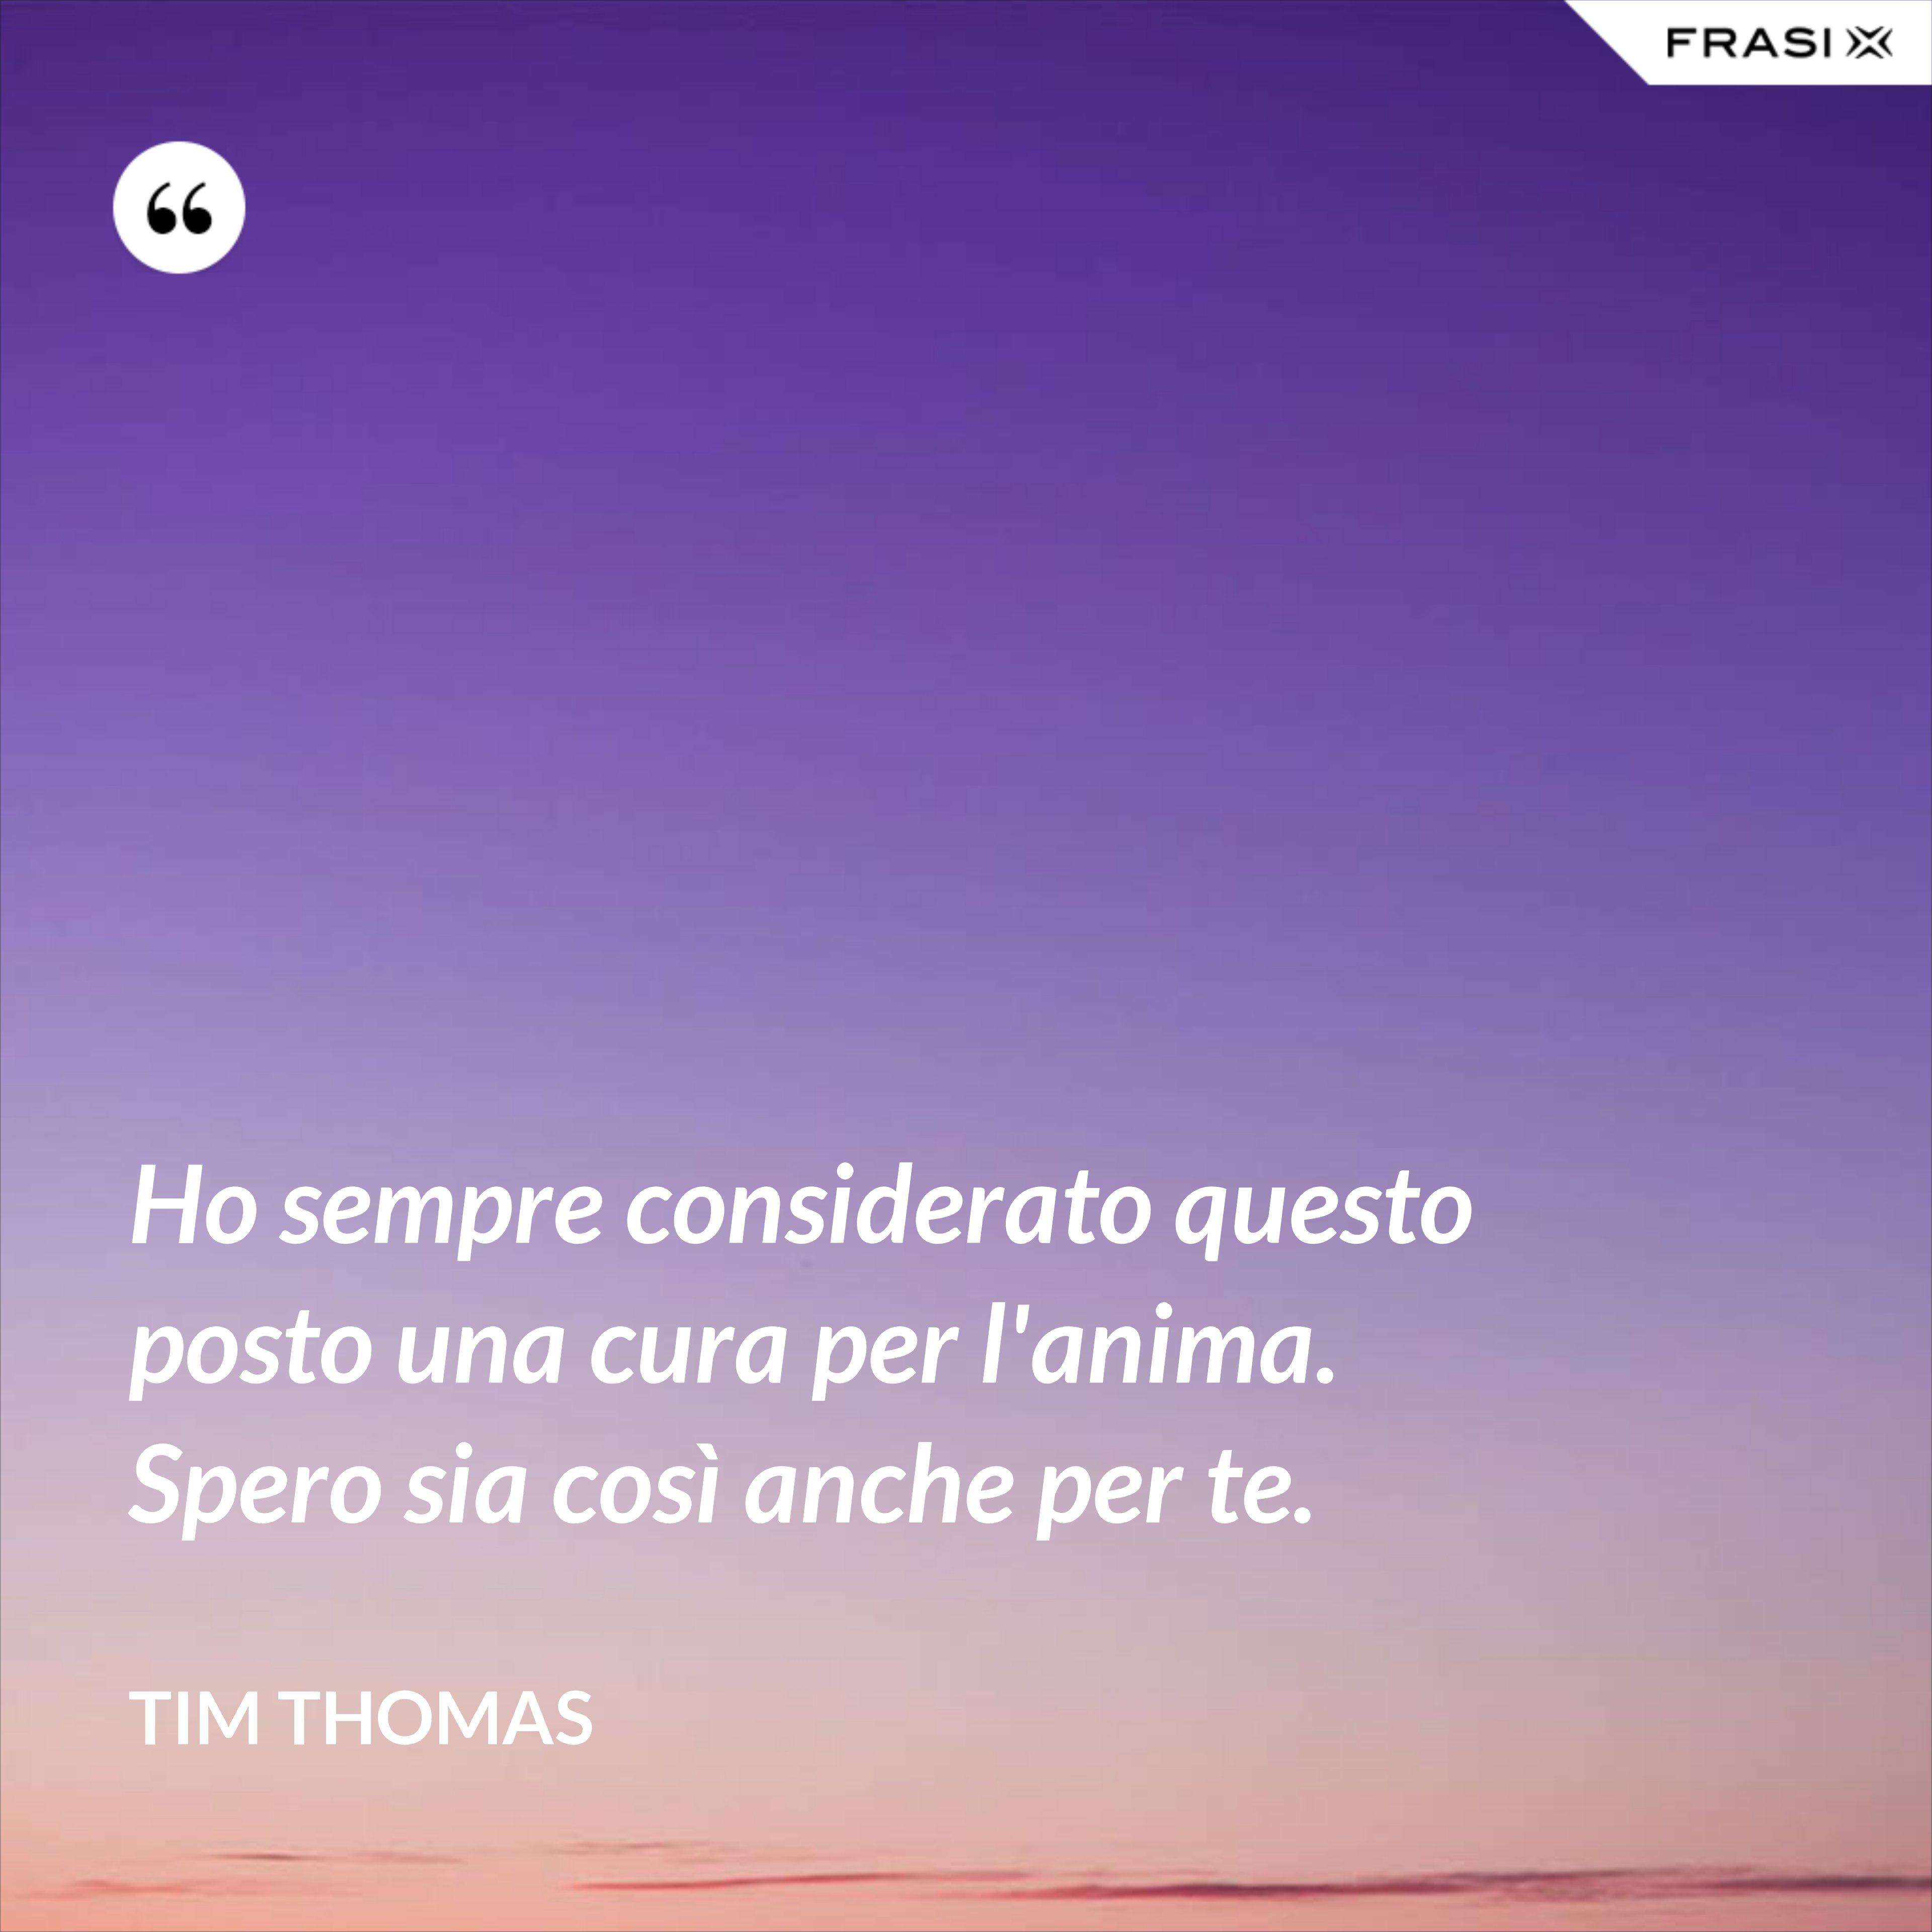 Ho sempre considerato questo posto una cura per l'anima. Spero sia così anche per te. - Tim Thomas